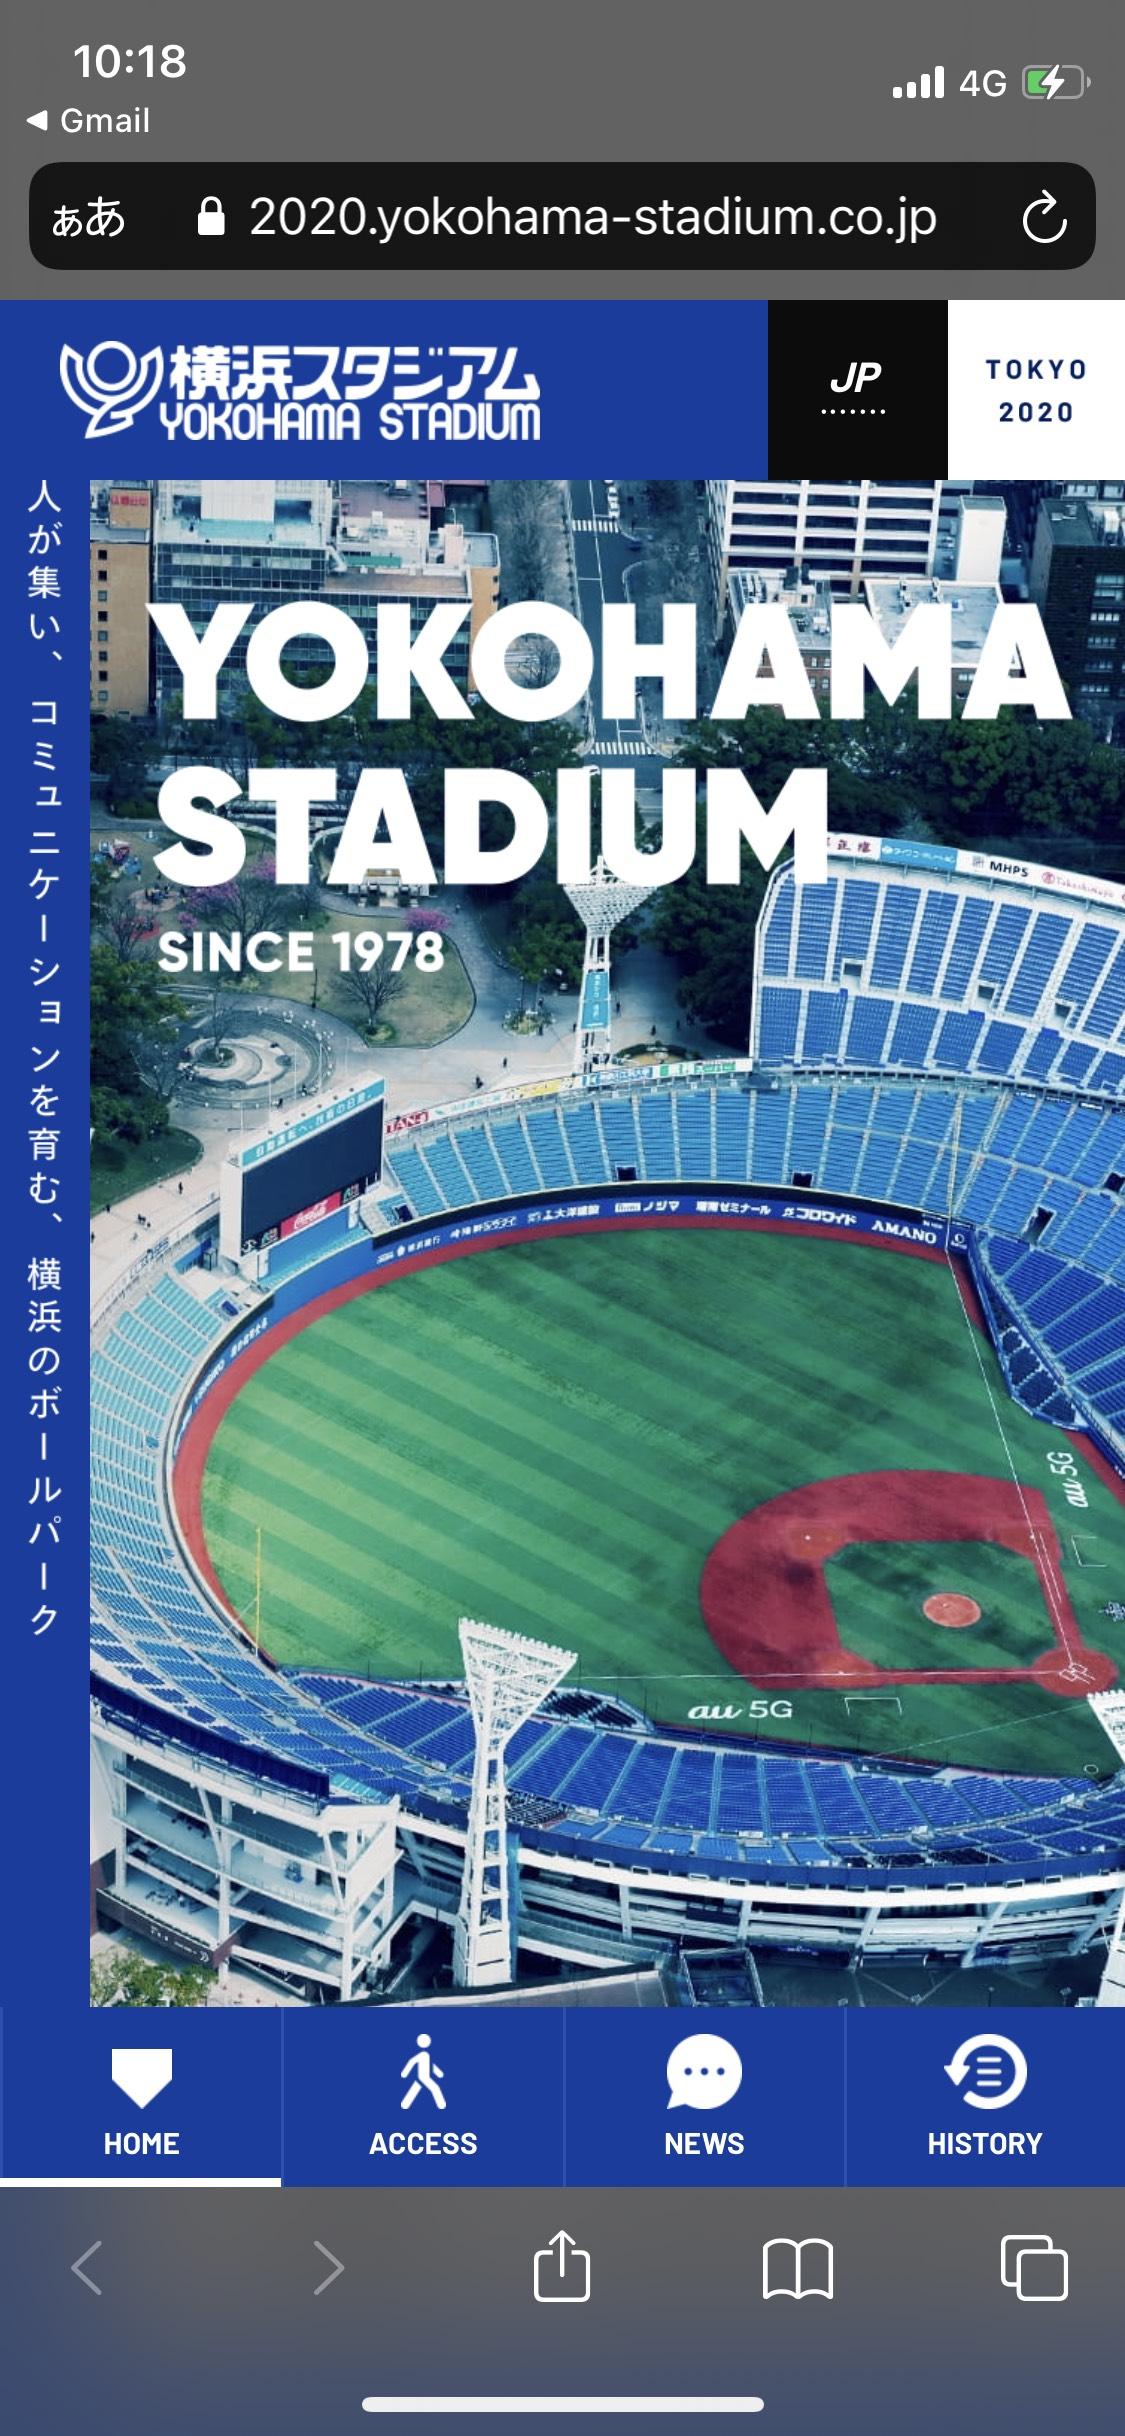 横浜スタジアムのサイト